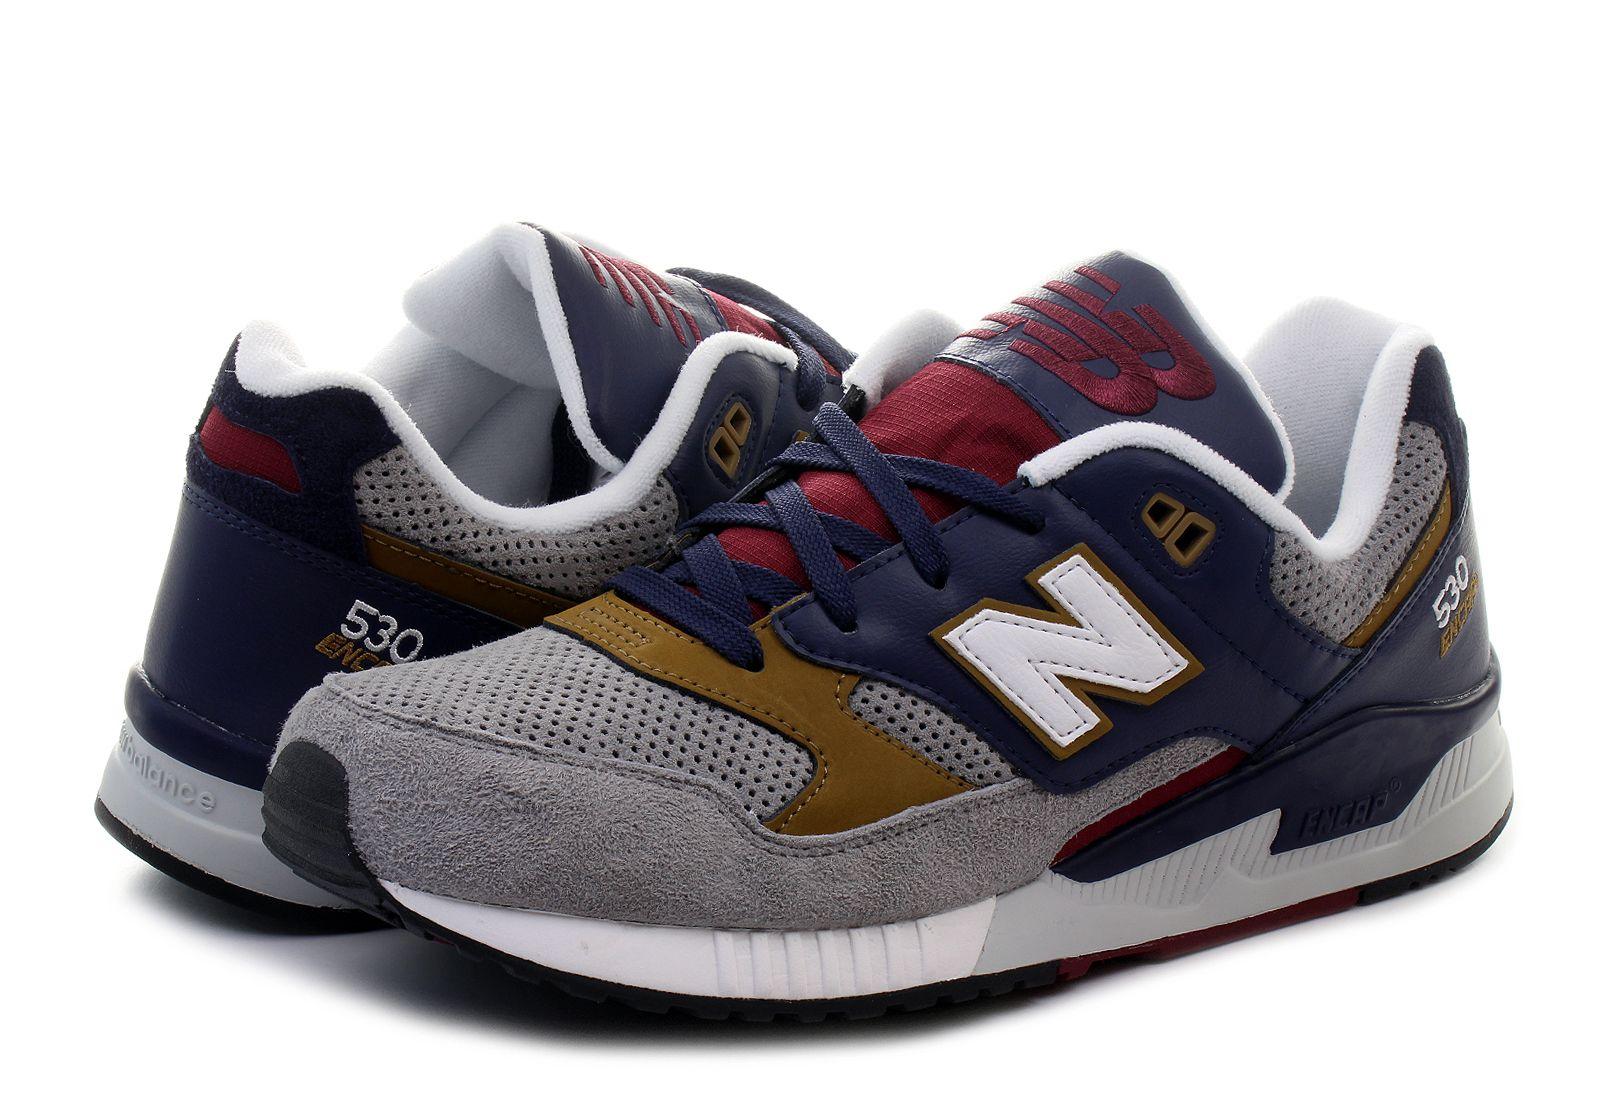 New Balance Cipő - M530 - M530RWB - Office Shoes Magyarország d3b62e2af2